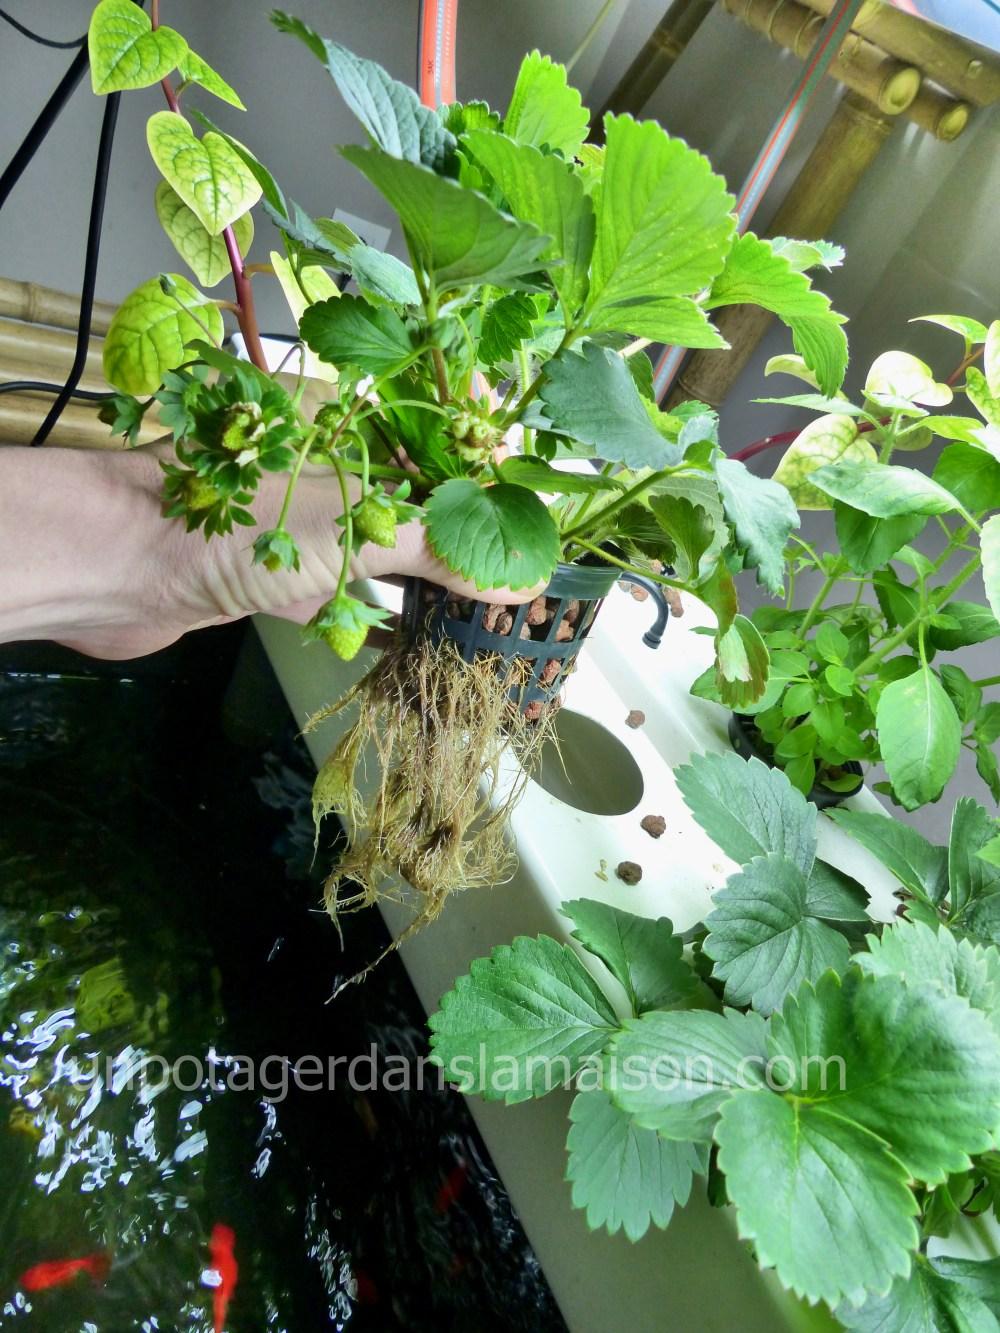 Racines aquaponie aéroponie fraise